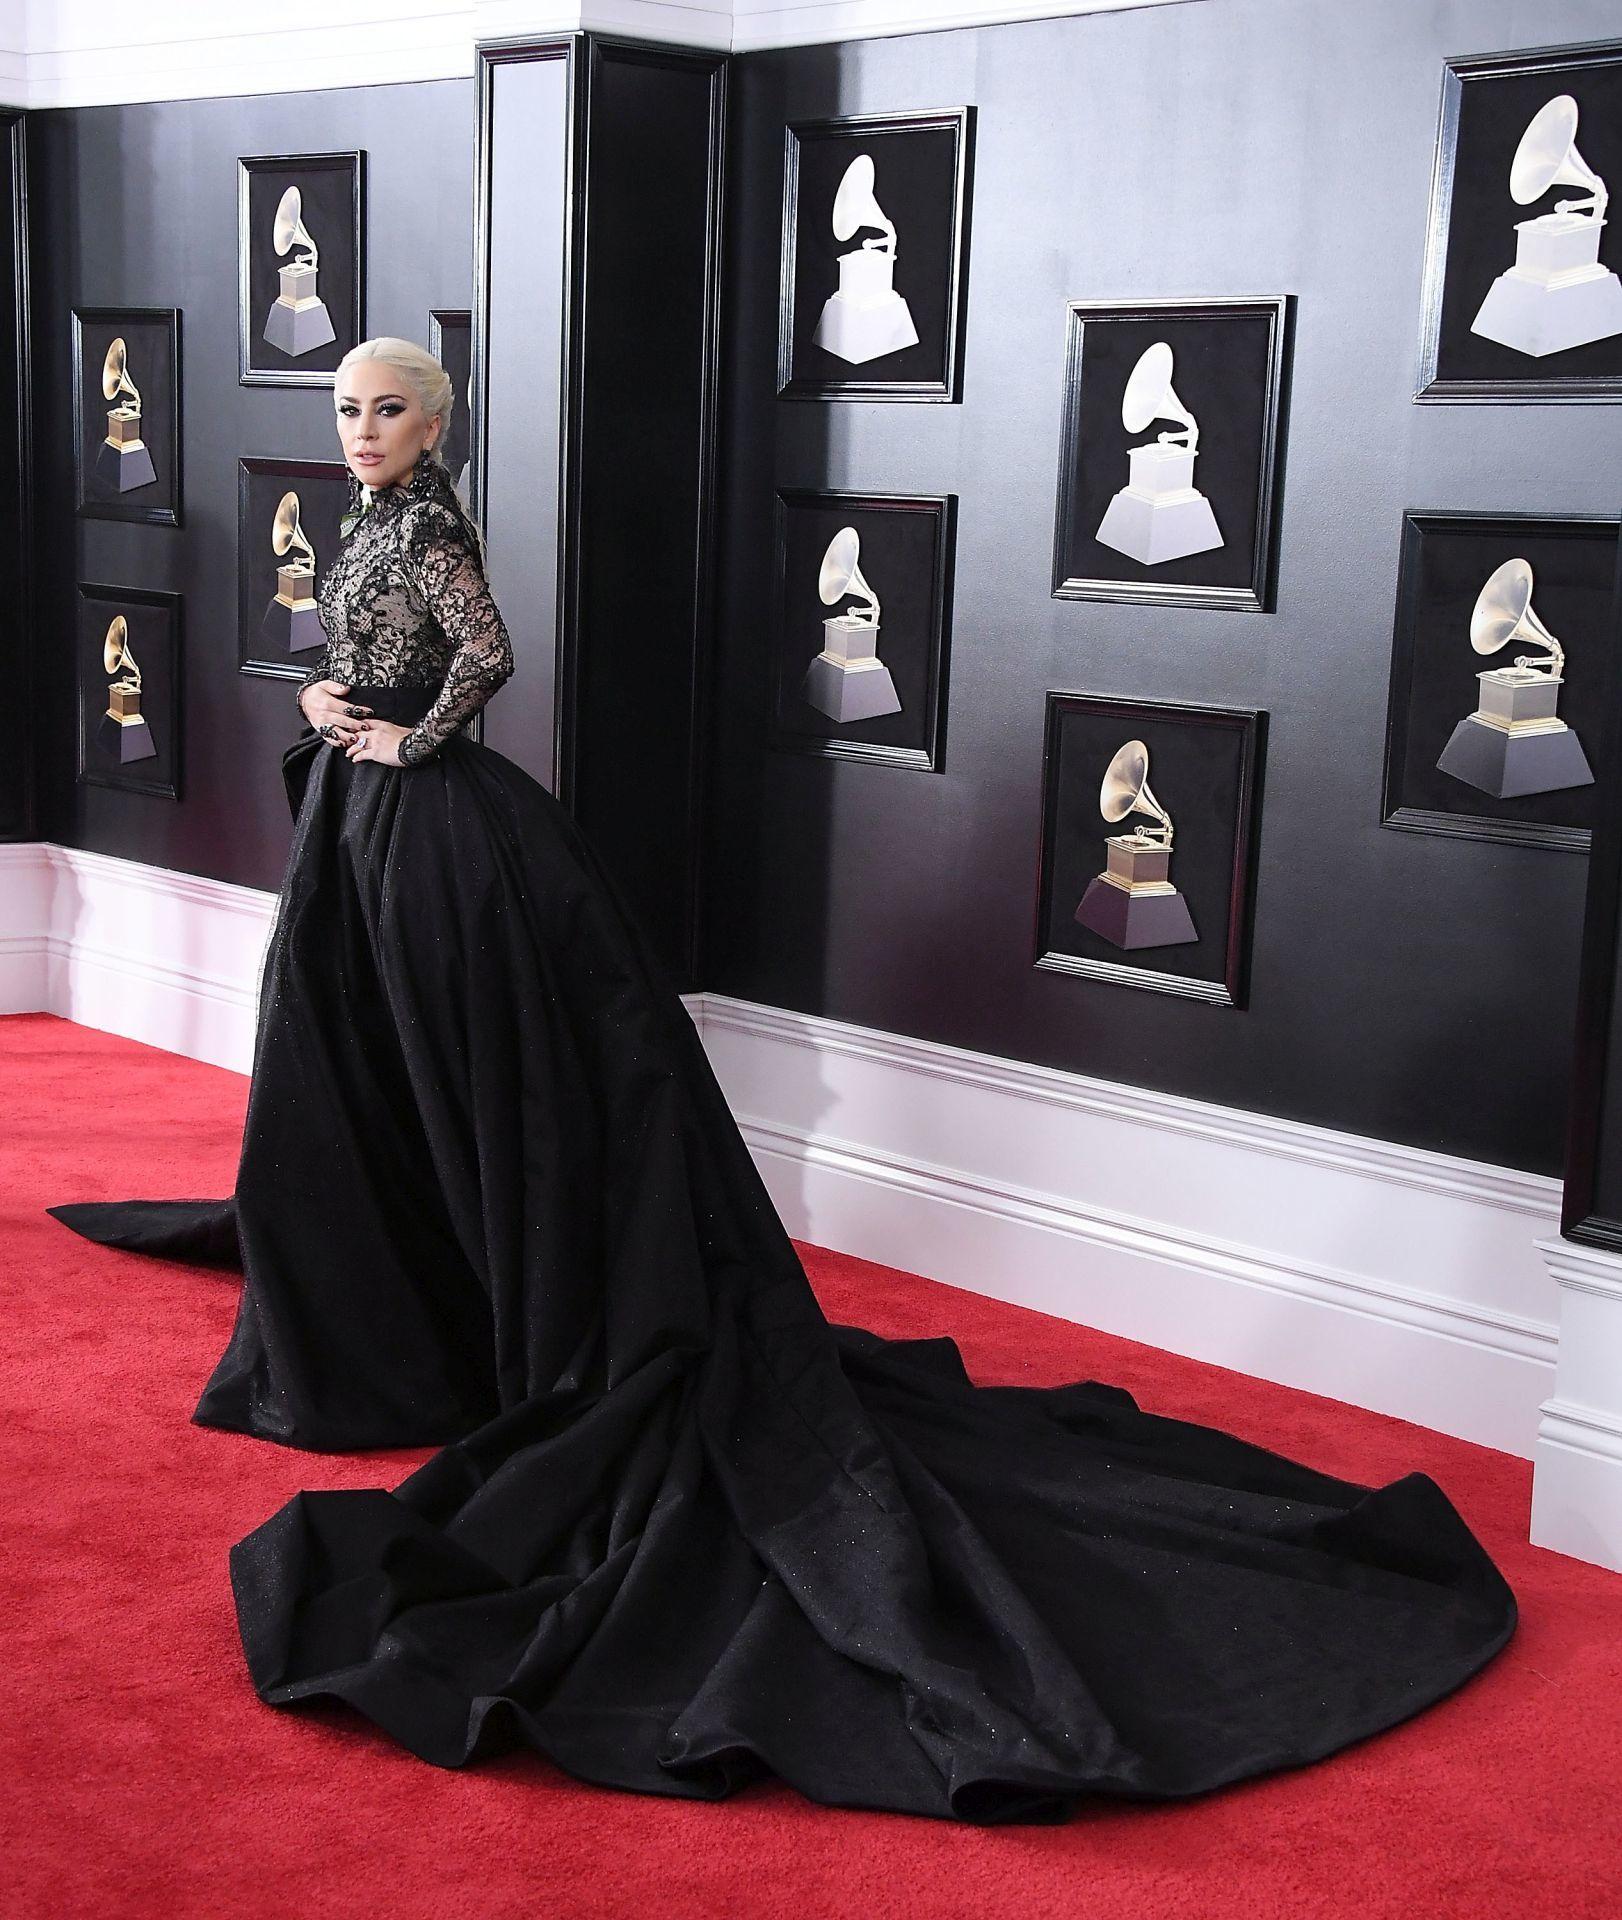 Lady Gaga a 2018-as Grammy-gálán (Fotó: Steve Granitz/WireImage)